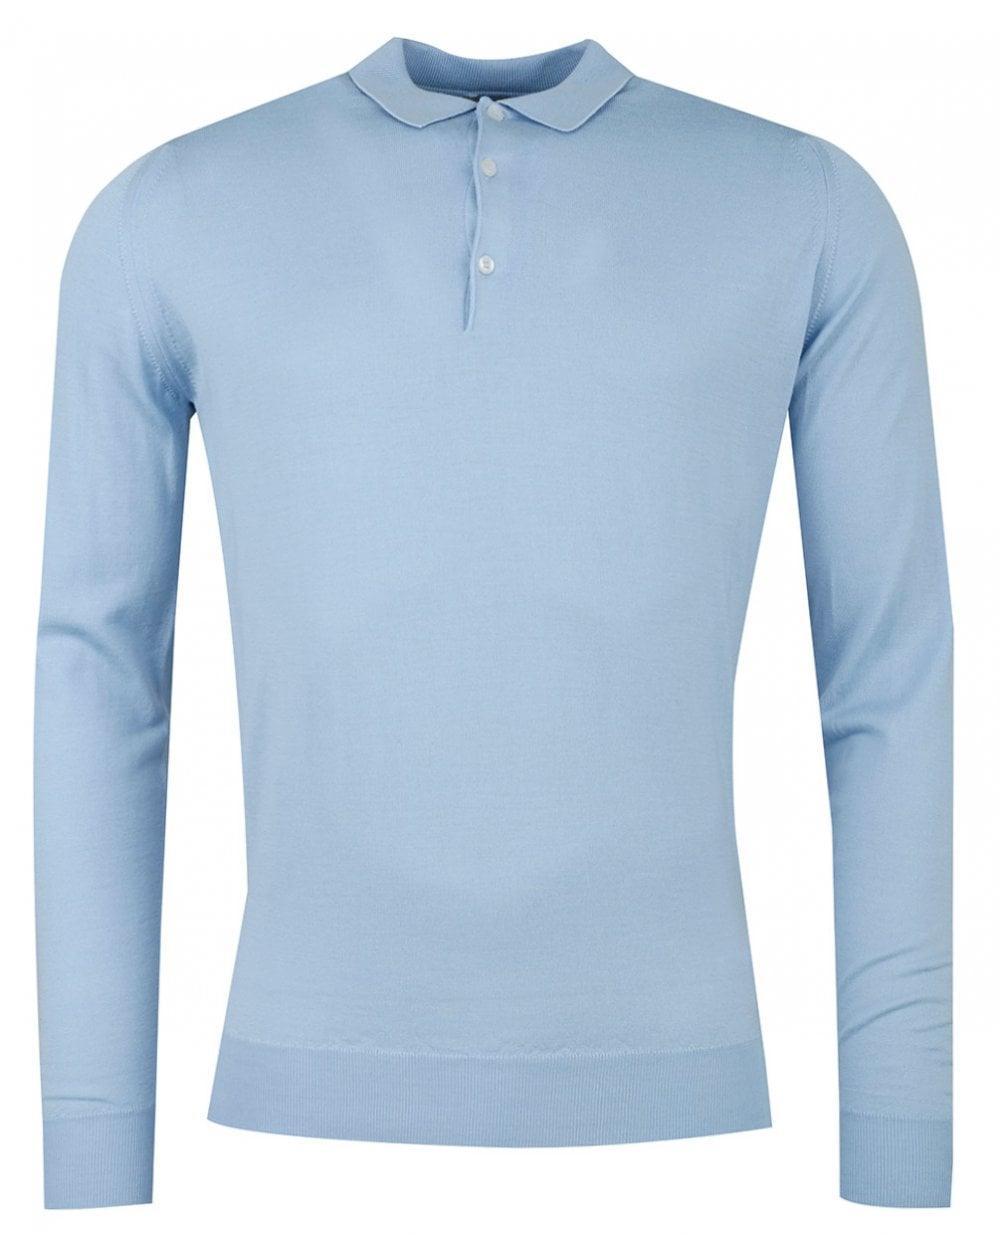 8e28fb03 John Smedley Belpe Long Sleeved Knitted Polo in Blue for Men - Lyst